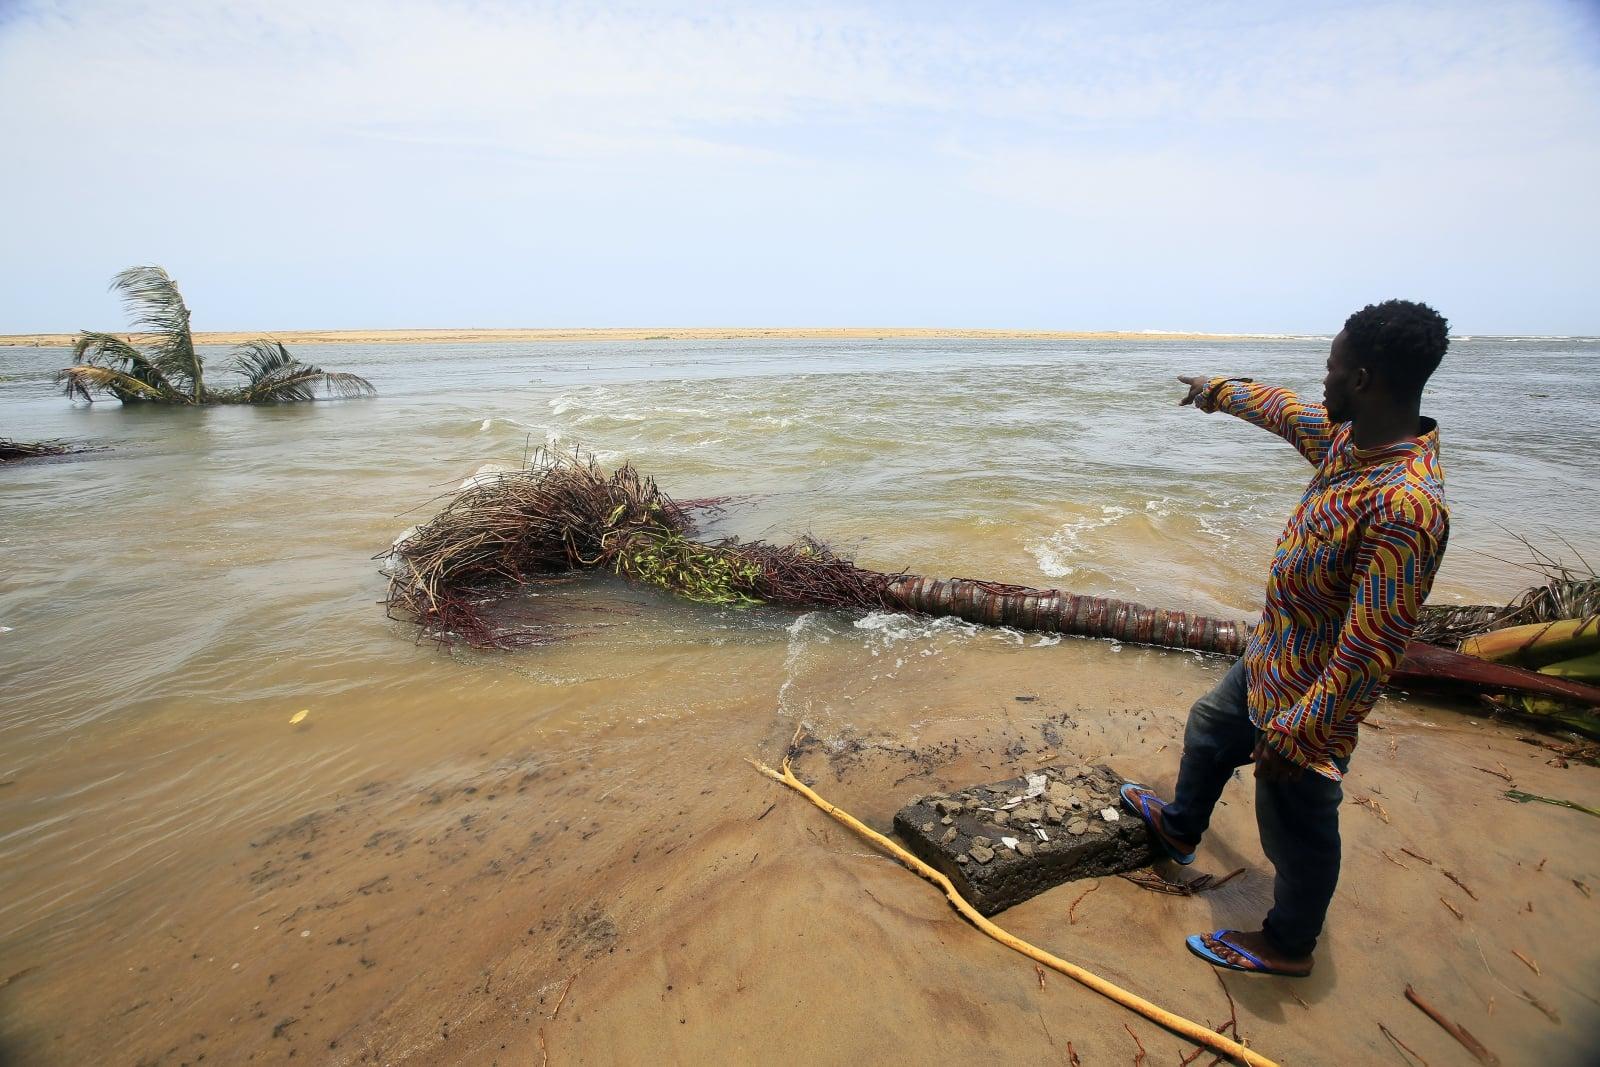 Wybrzeże Kości Słoniowej fot. EPA/LEGNAN KOULA